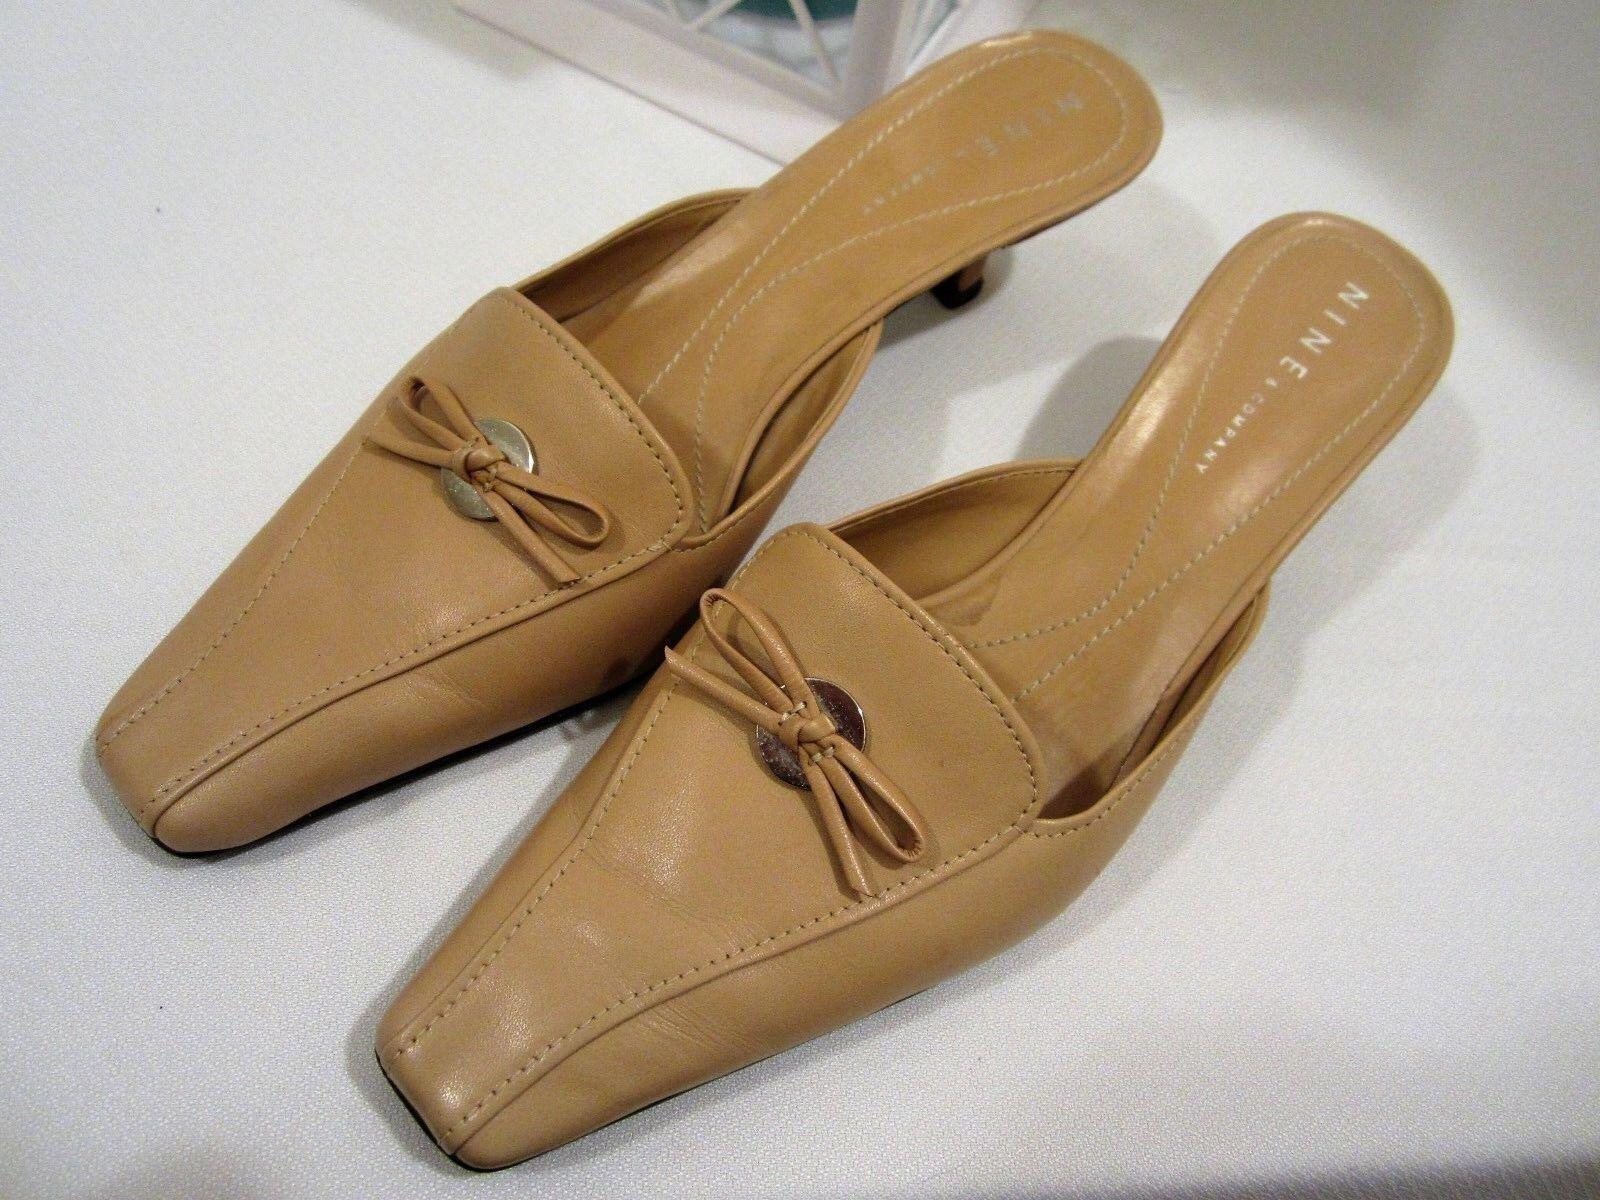 NINE & COMPANY Leather Mule Low Kitten Heel Slip-on Mule Leather sz 7.5 M Nude Tan Beige a7e130